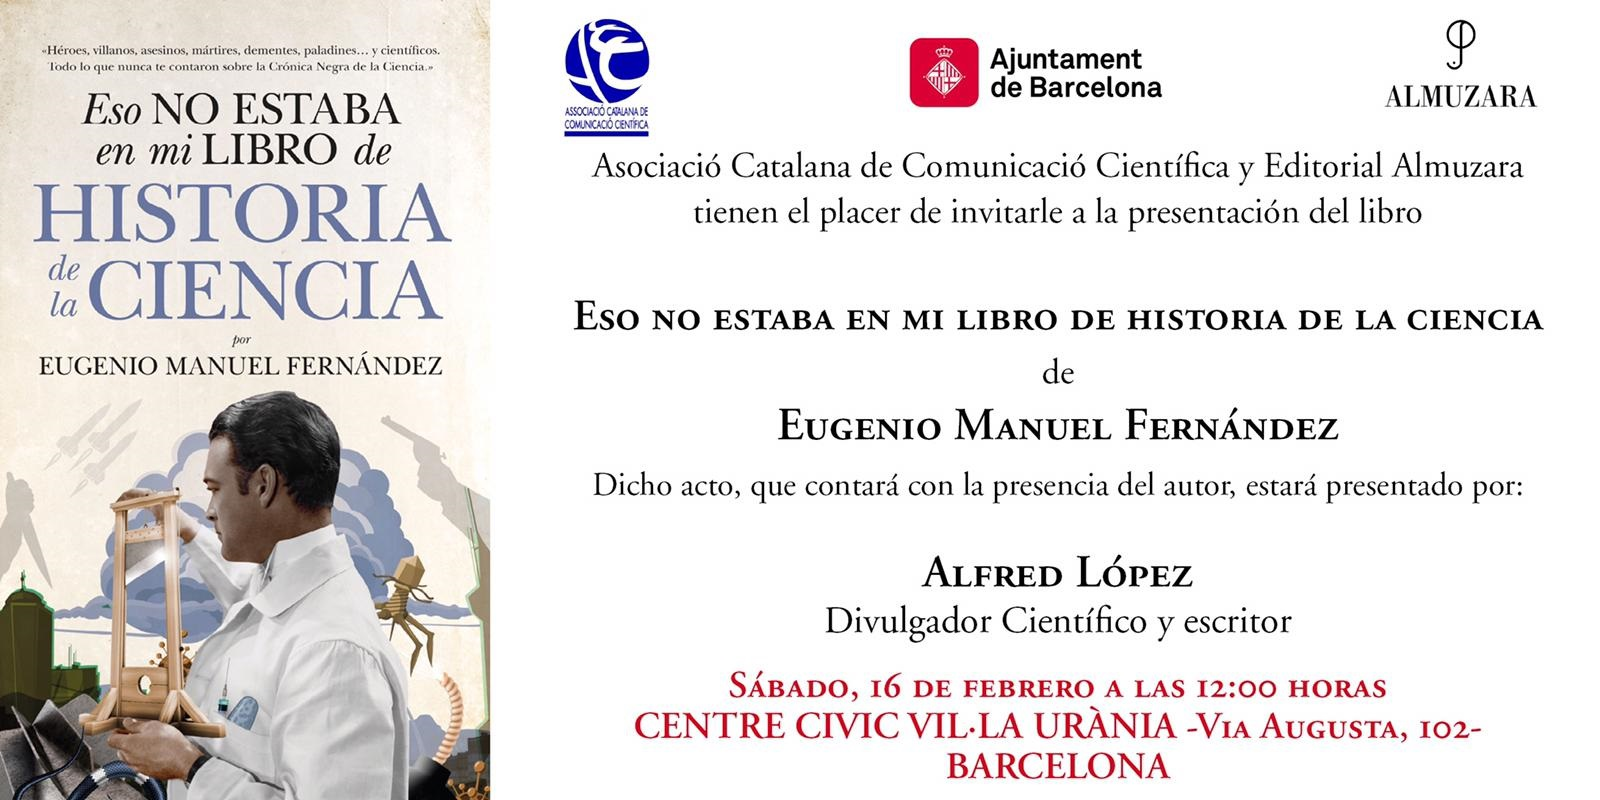 Reseña del libro: 'Eso no estaba en mi libro de Historia de la Ciencia' de Eugenio Manuel Fernández